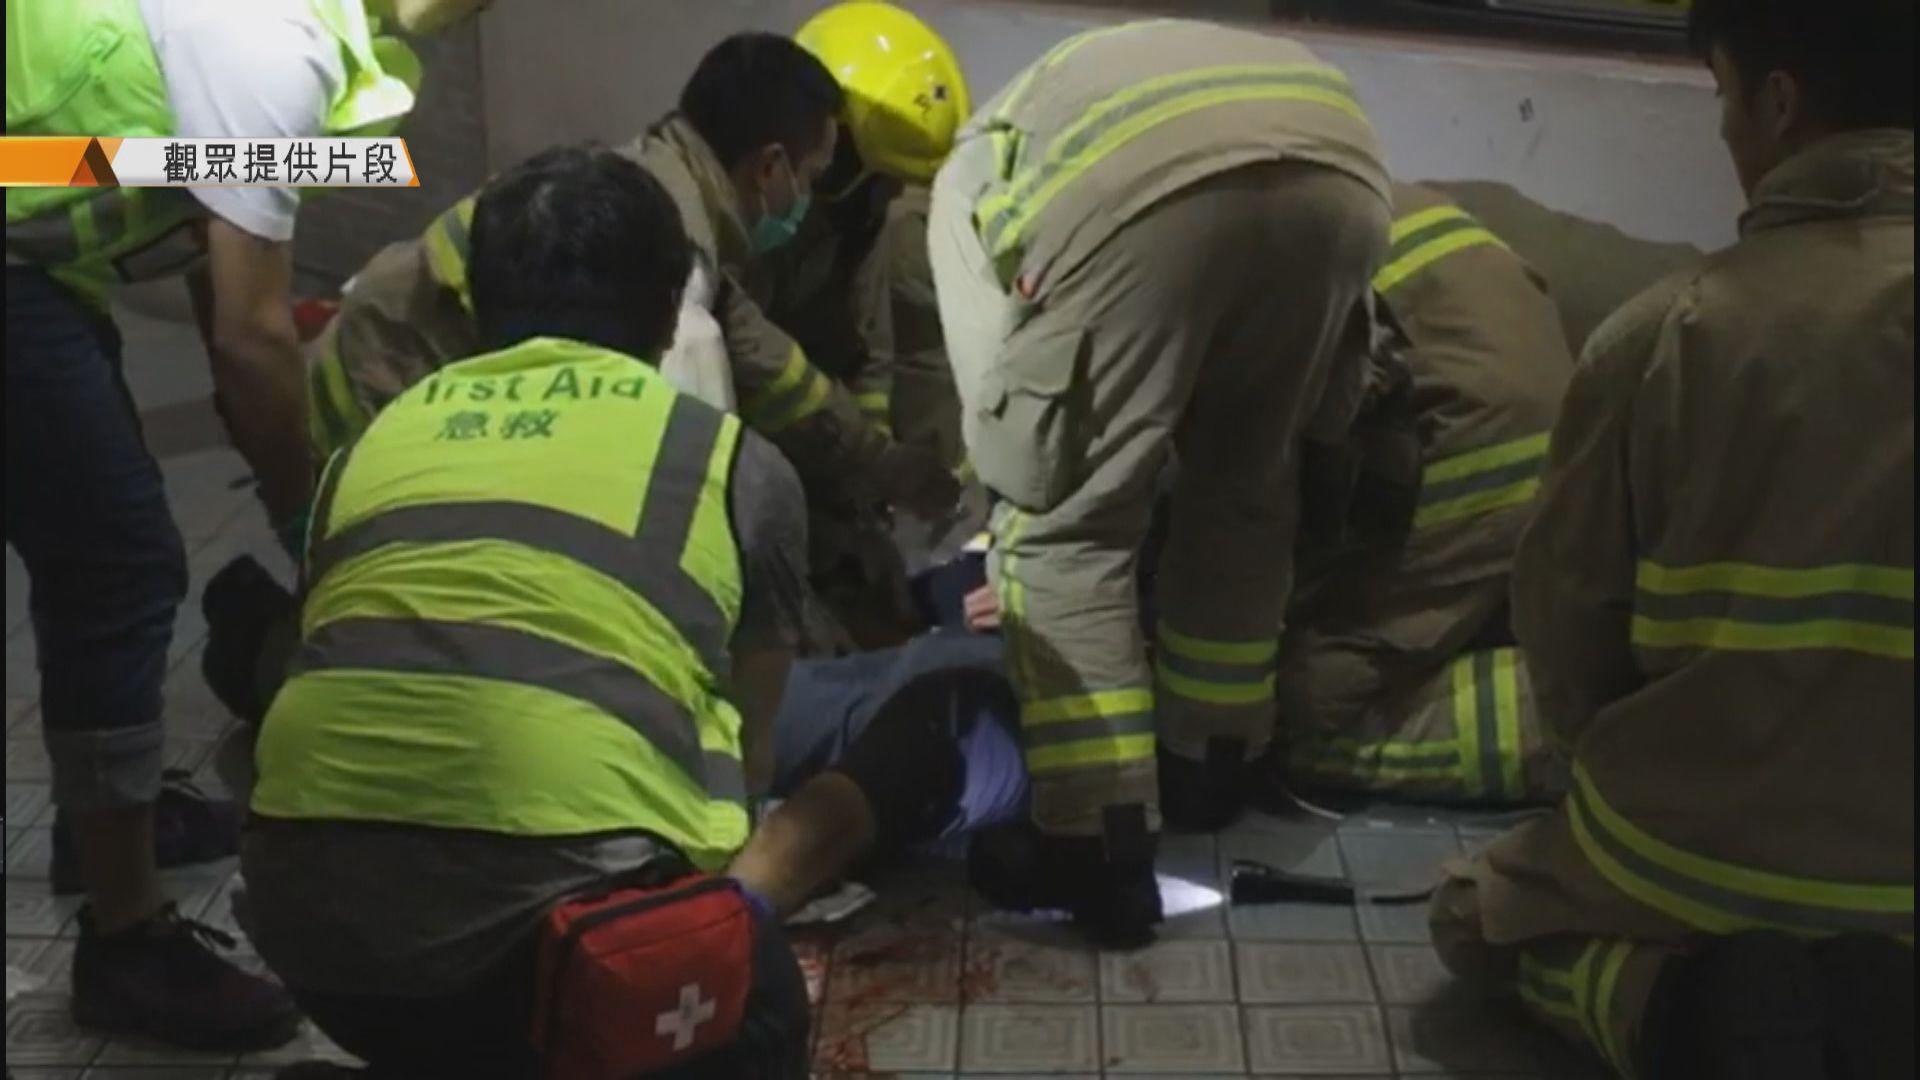 科大學生疑避催淚彈期間墮樓受傷